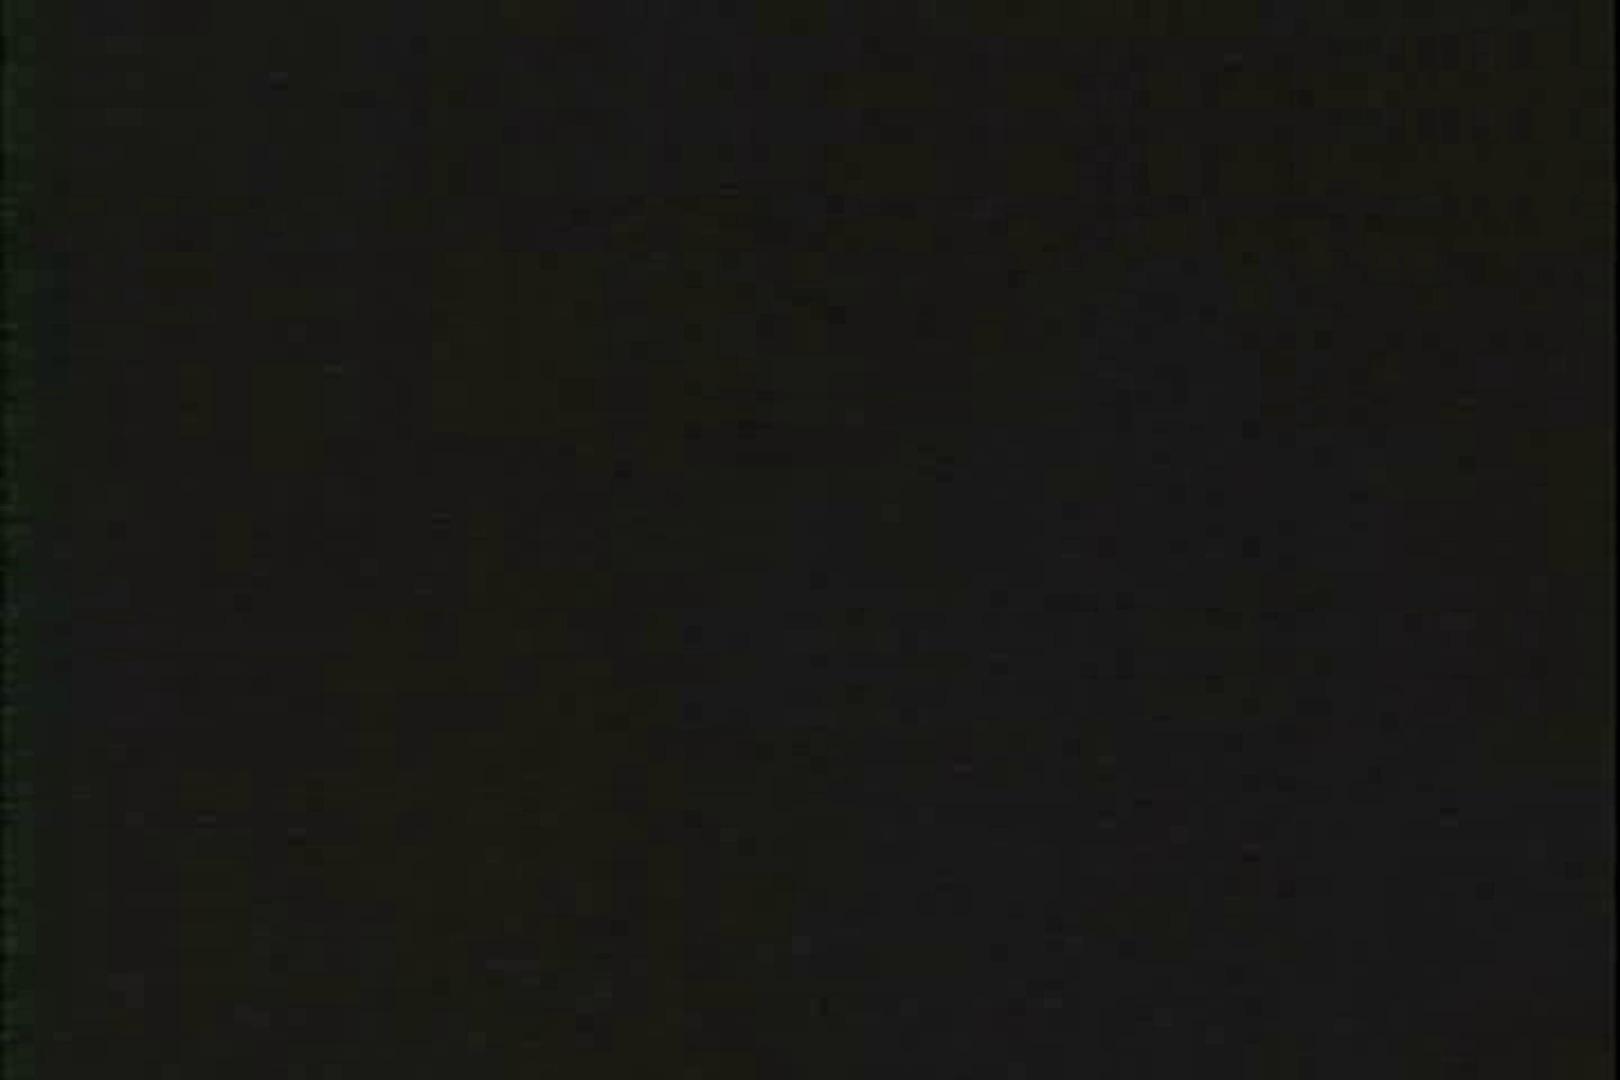 「ちくりん」さんのオリジナル未編集パンチラVol.6_01 パンチラのぞき | エロティックなOL  73画像 1